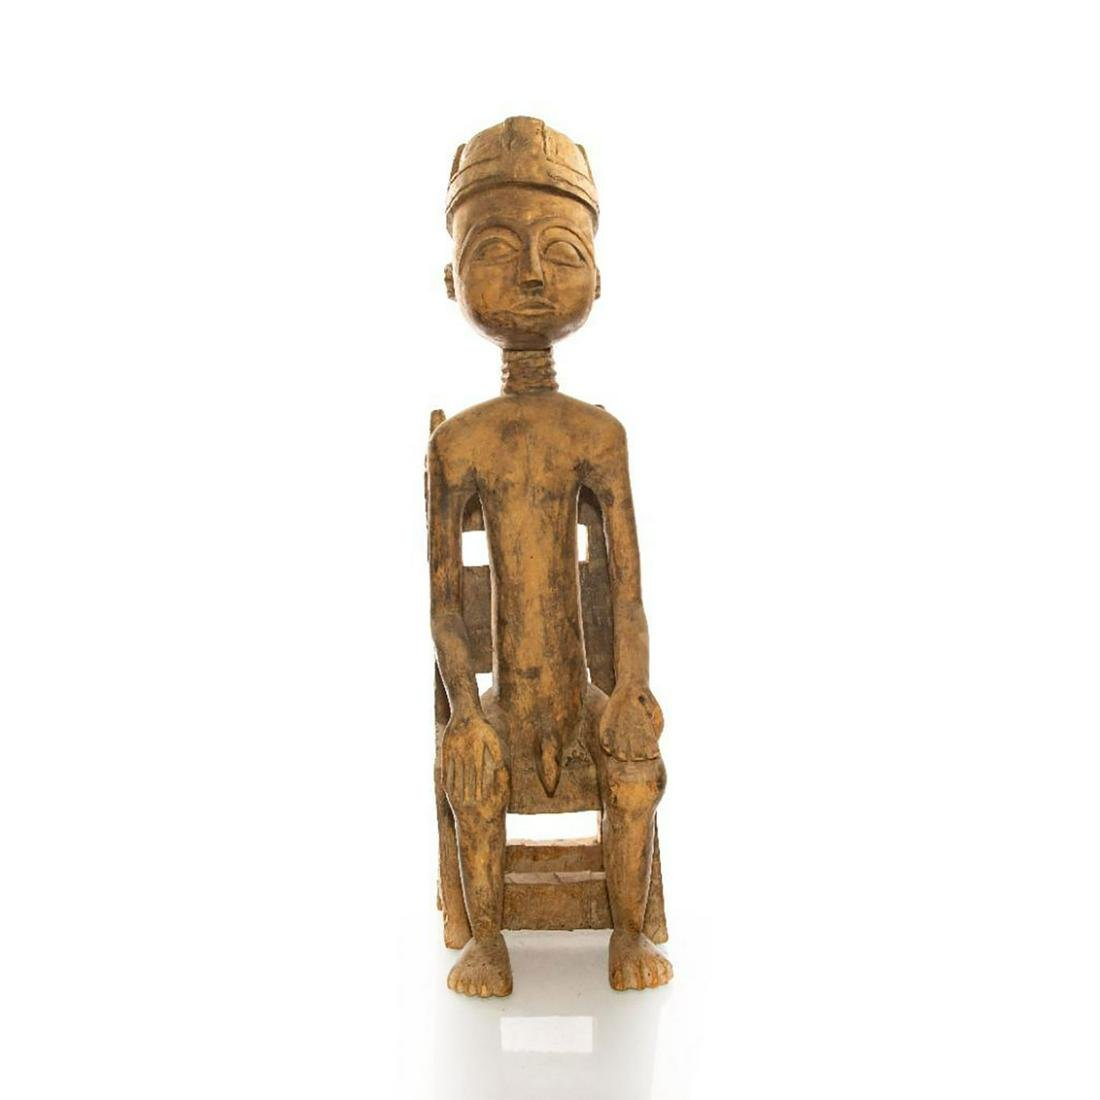 VINTAGE WOODEN PRIMITIVE AFRICAN TRIBAL FOLK ART STATUE